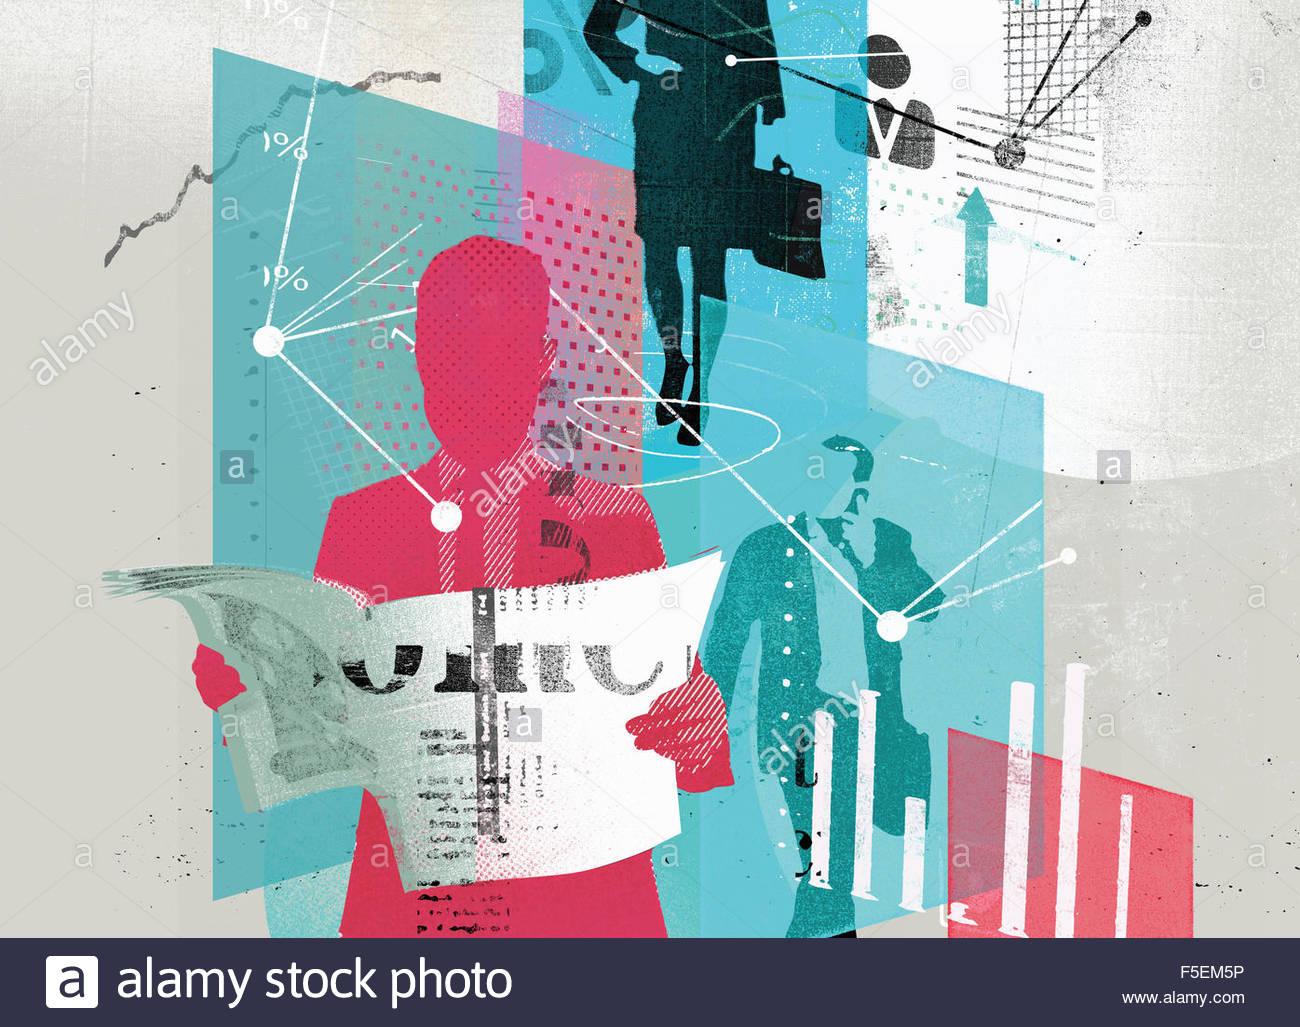 Collage von Geschäftsleuten, Grafiken, Daten und Verbindungen Stockbild